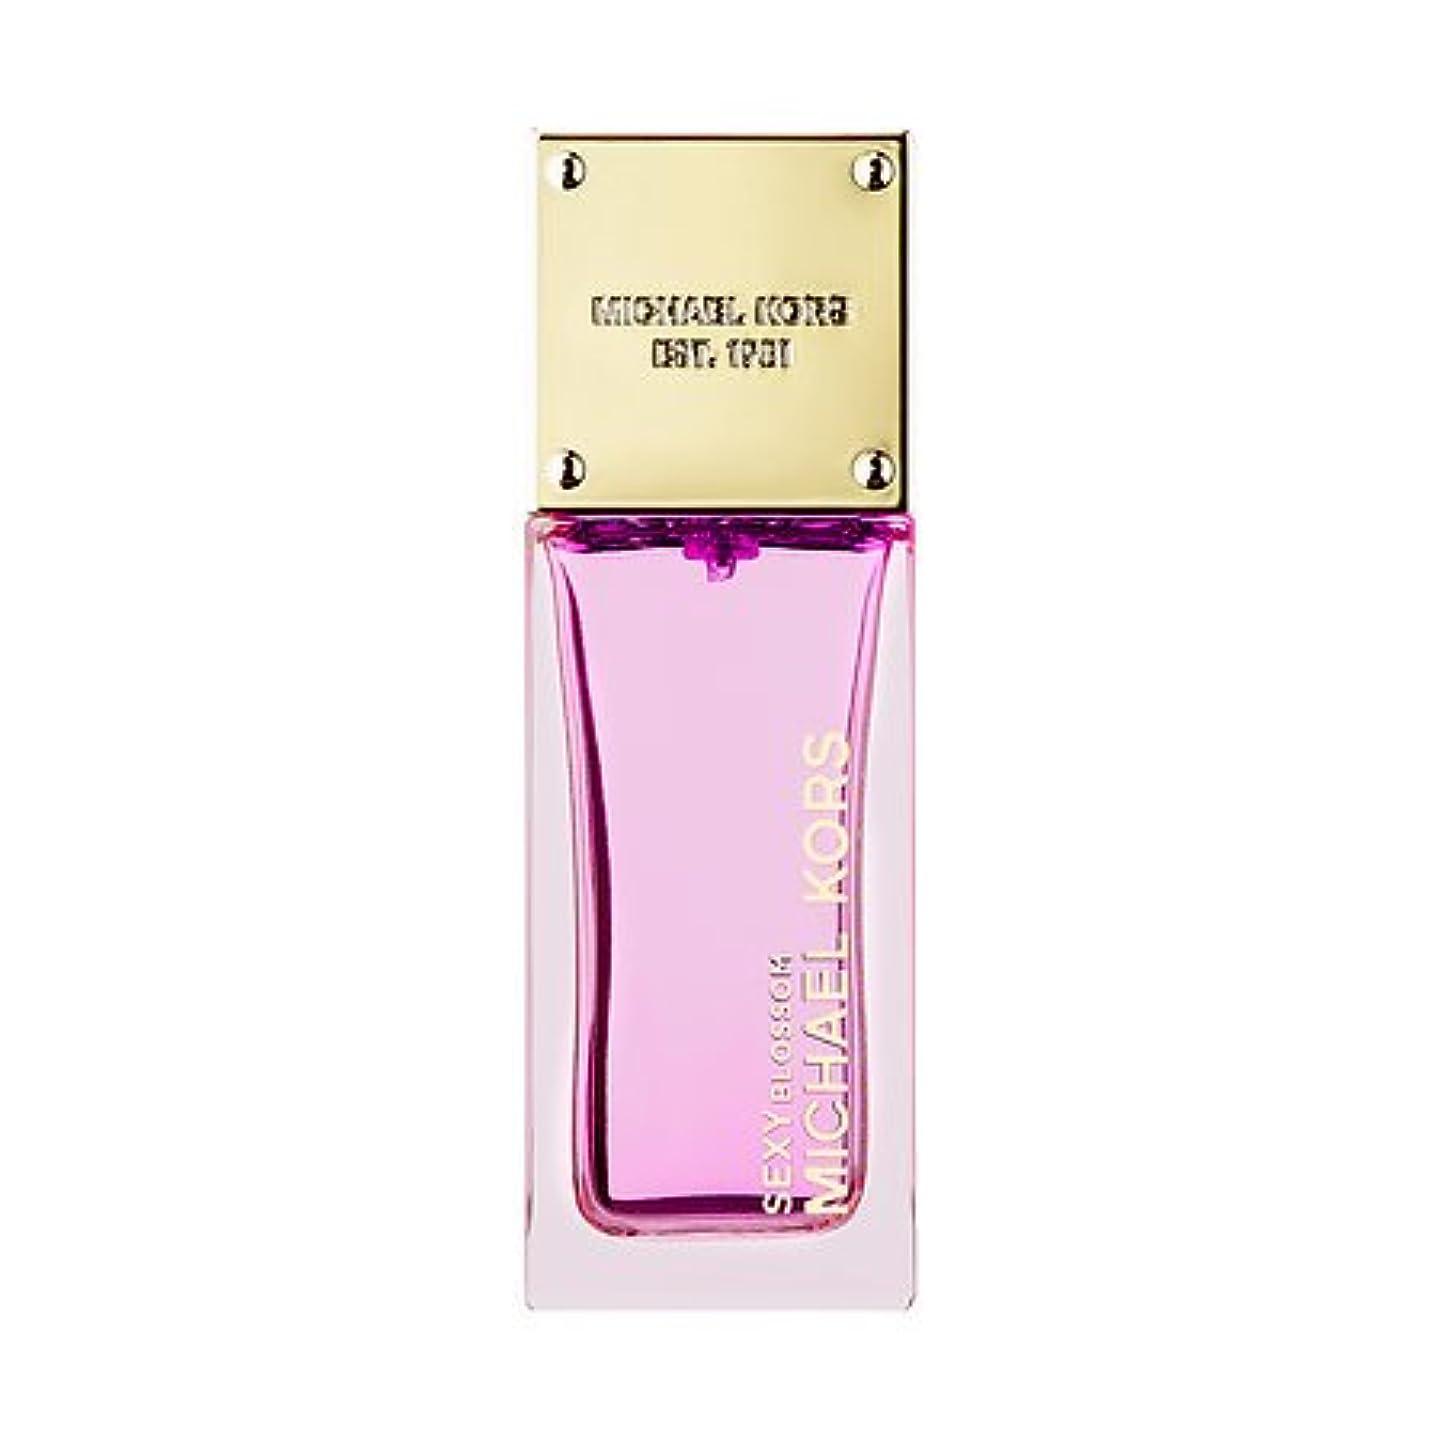 出口サイトライン見つけたMichael Kors Sexy Blossom (マイケル コース セクシー ブロッサム) 1.7 oz (30ml) EDP Spray 限定版 for Women